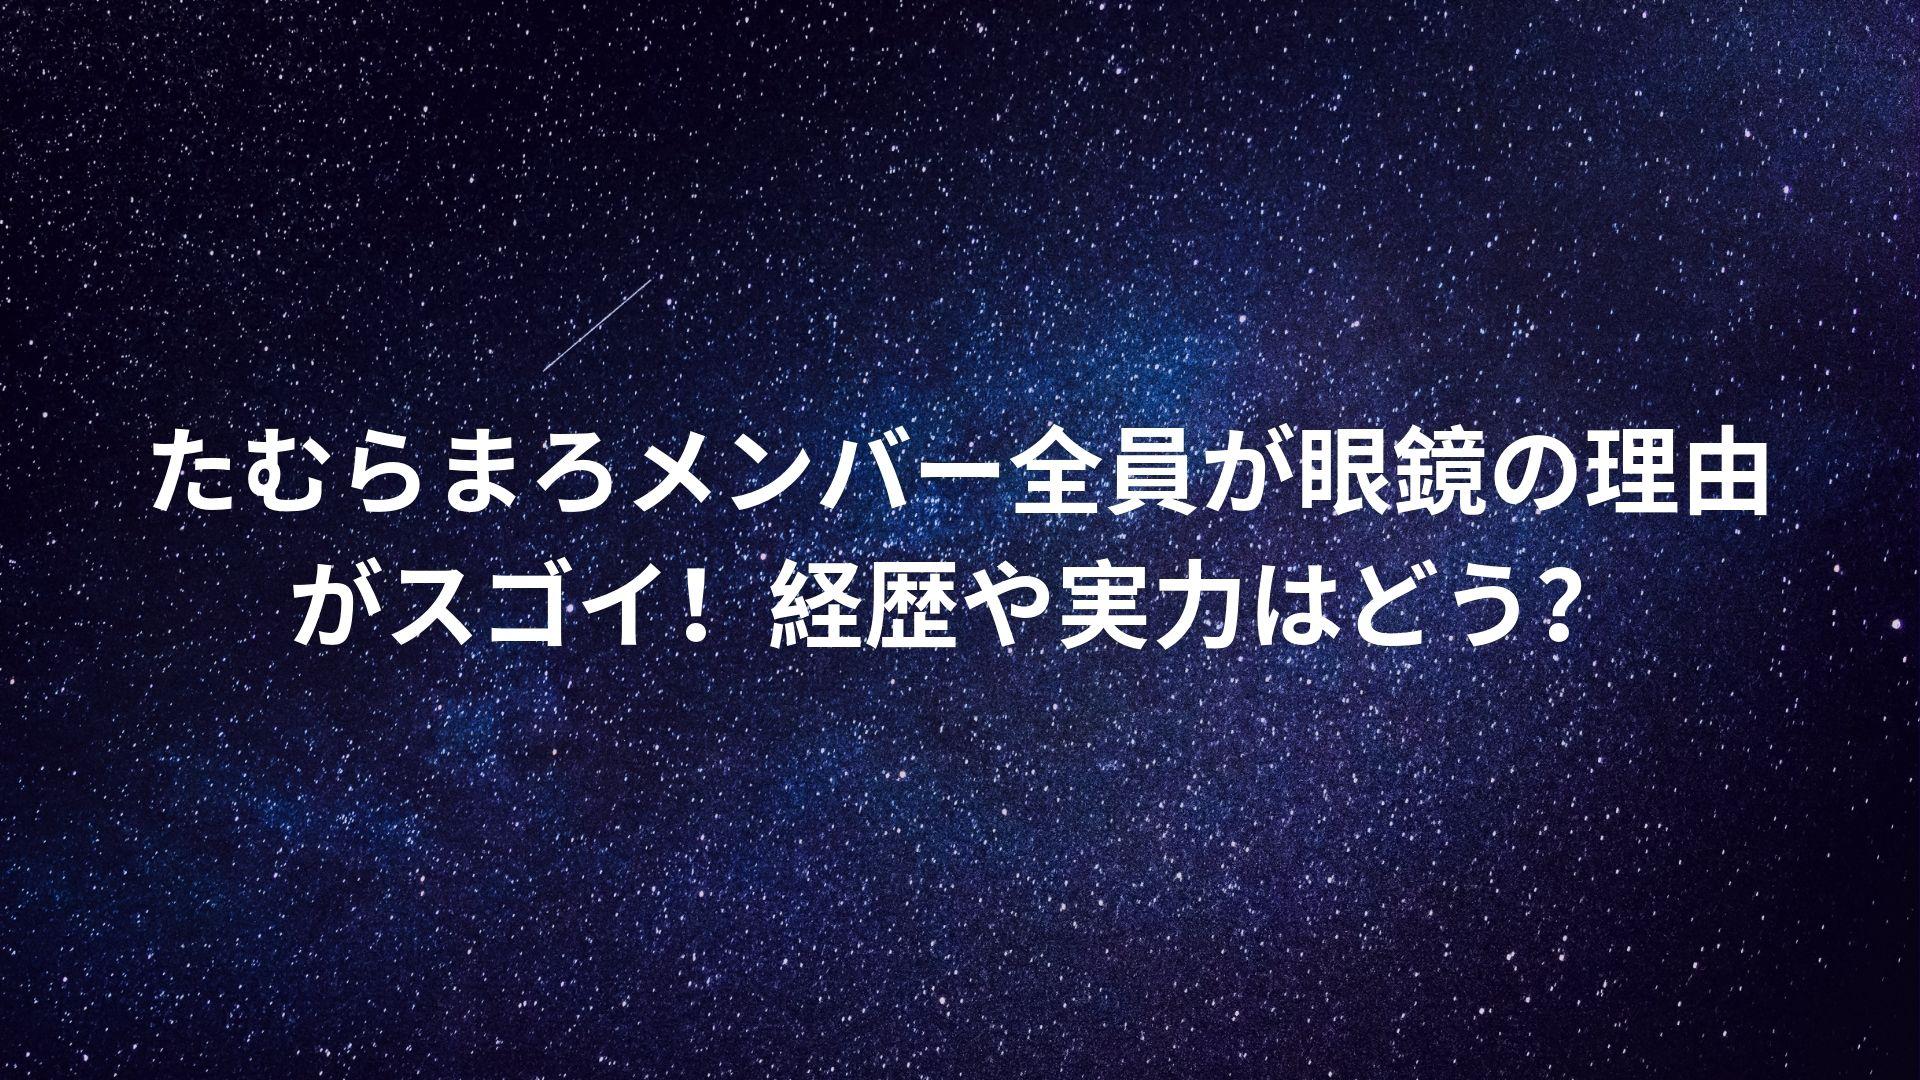 まろ アカペラ たむら 【たむらまろ】ハモネプ優勝グループ!経歴や今後の活動について